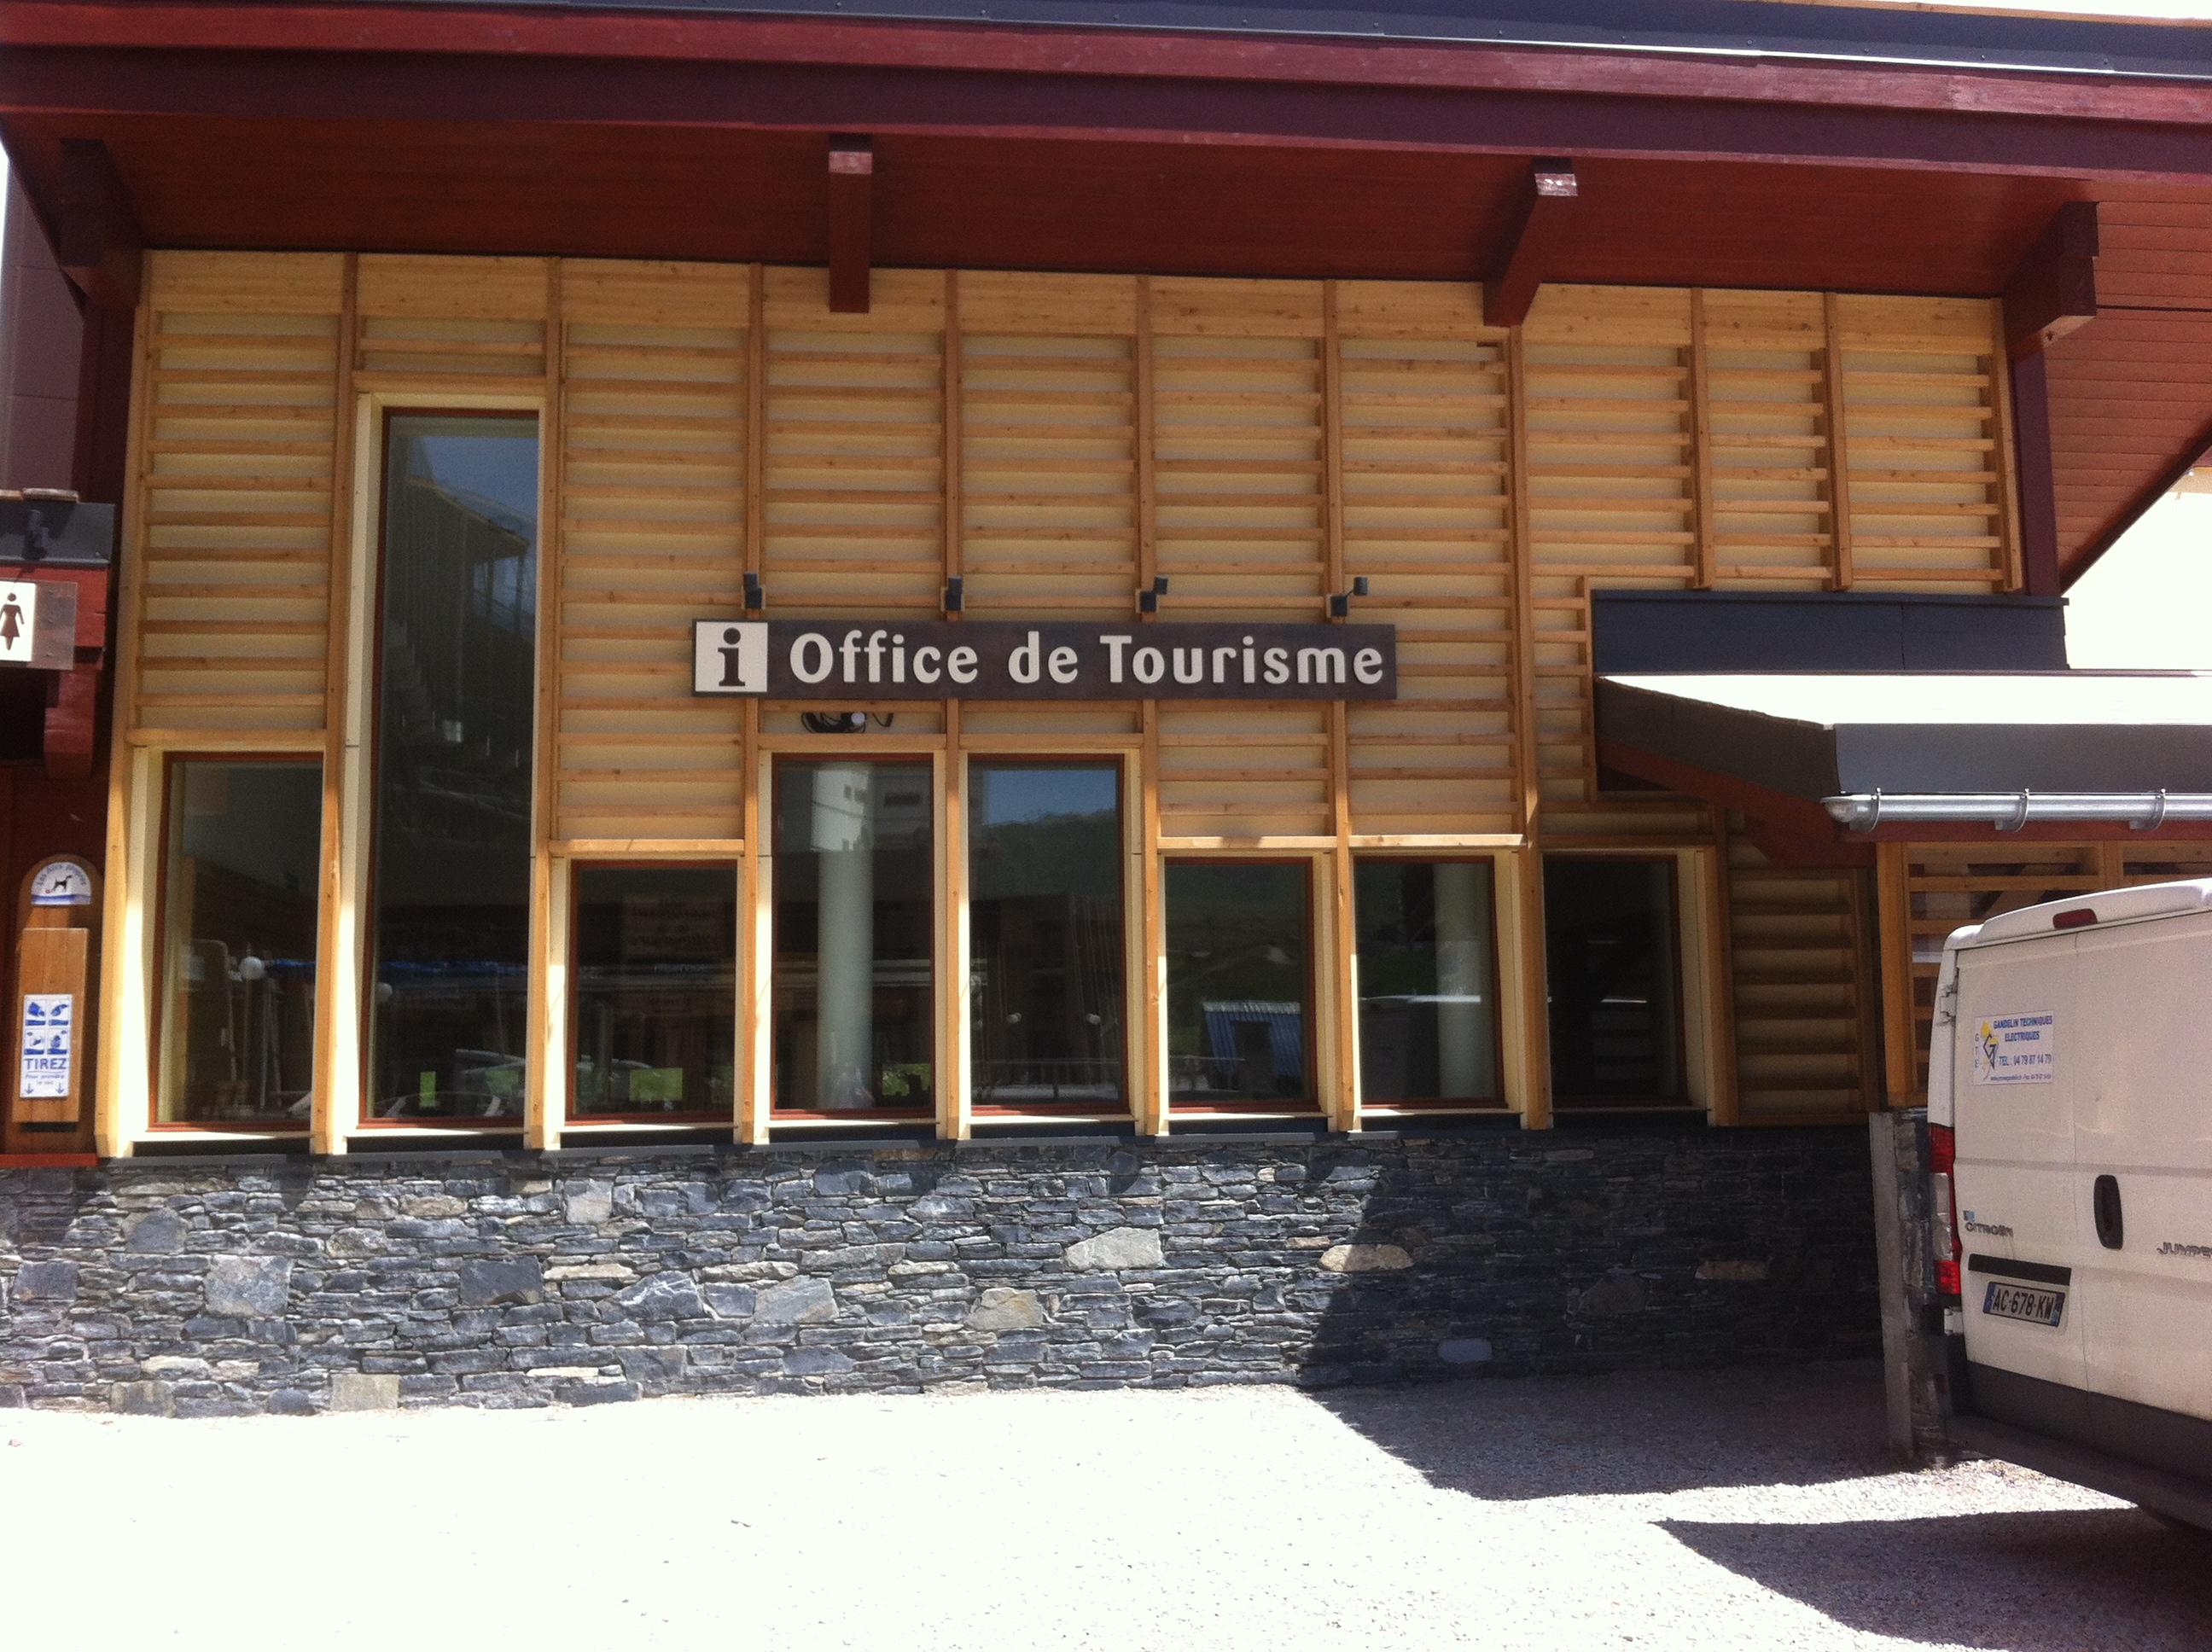 Office de tourisme d 39 arc 2000 savoie mont blanc savoie - Office de tourisme de bourg saint maurice ...